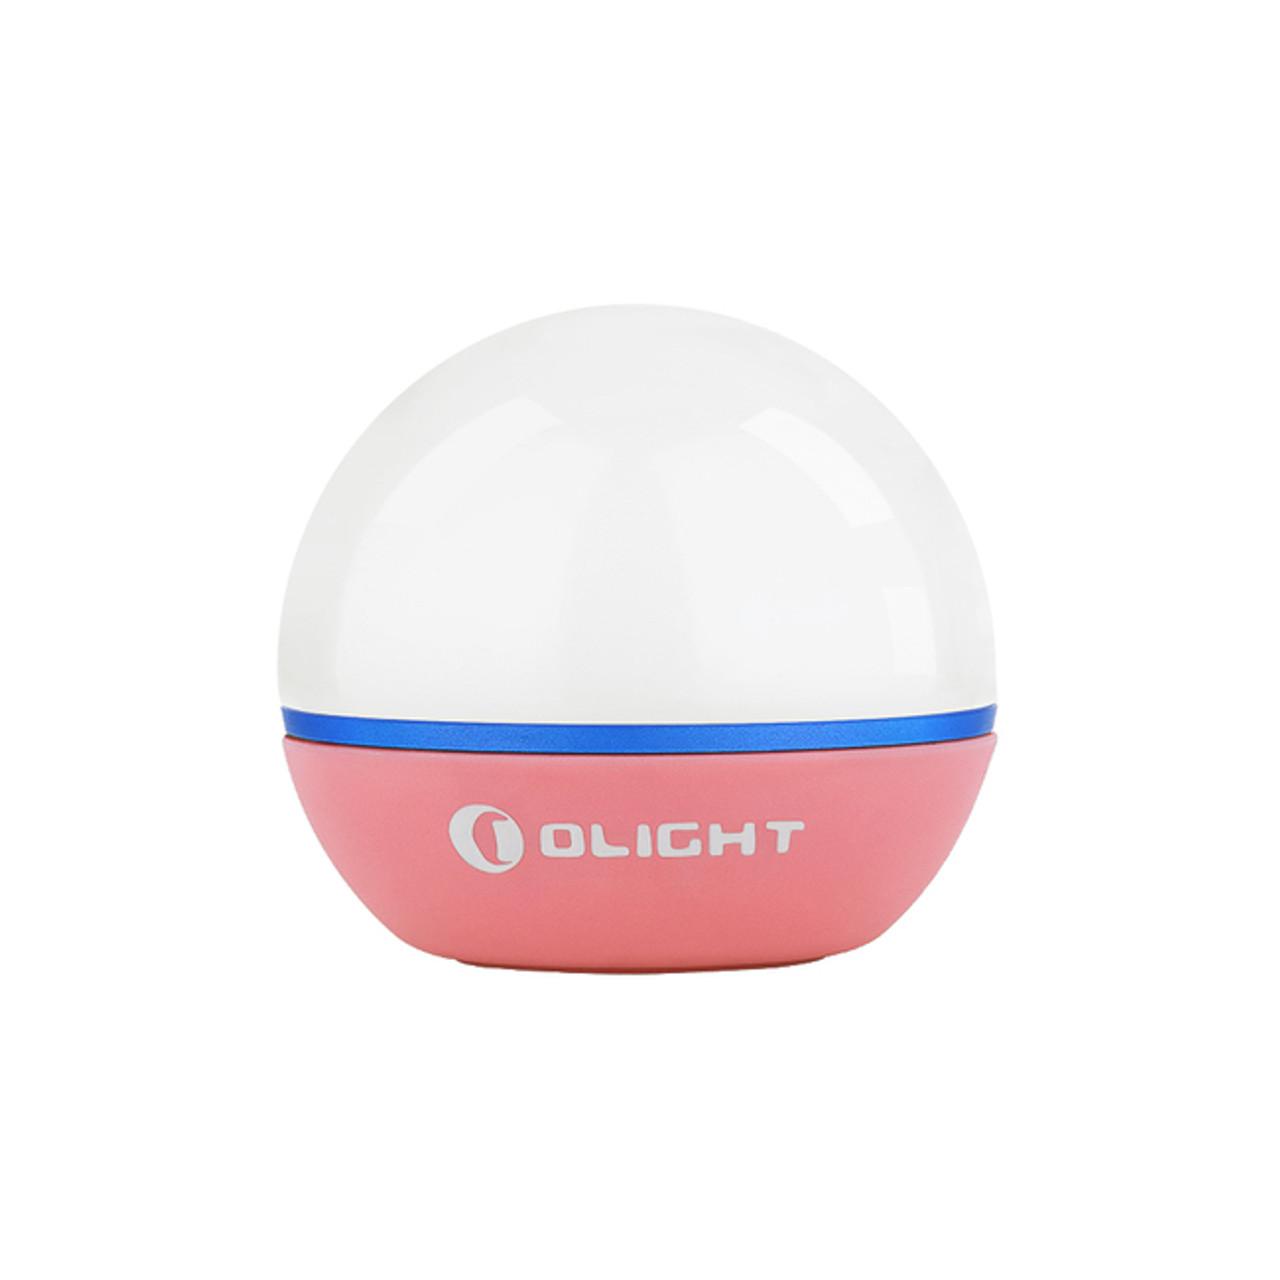 Olight Obulb Pink